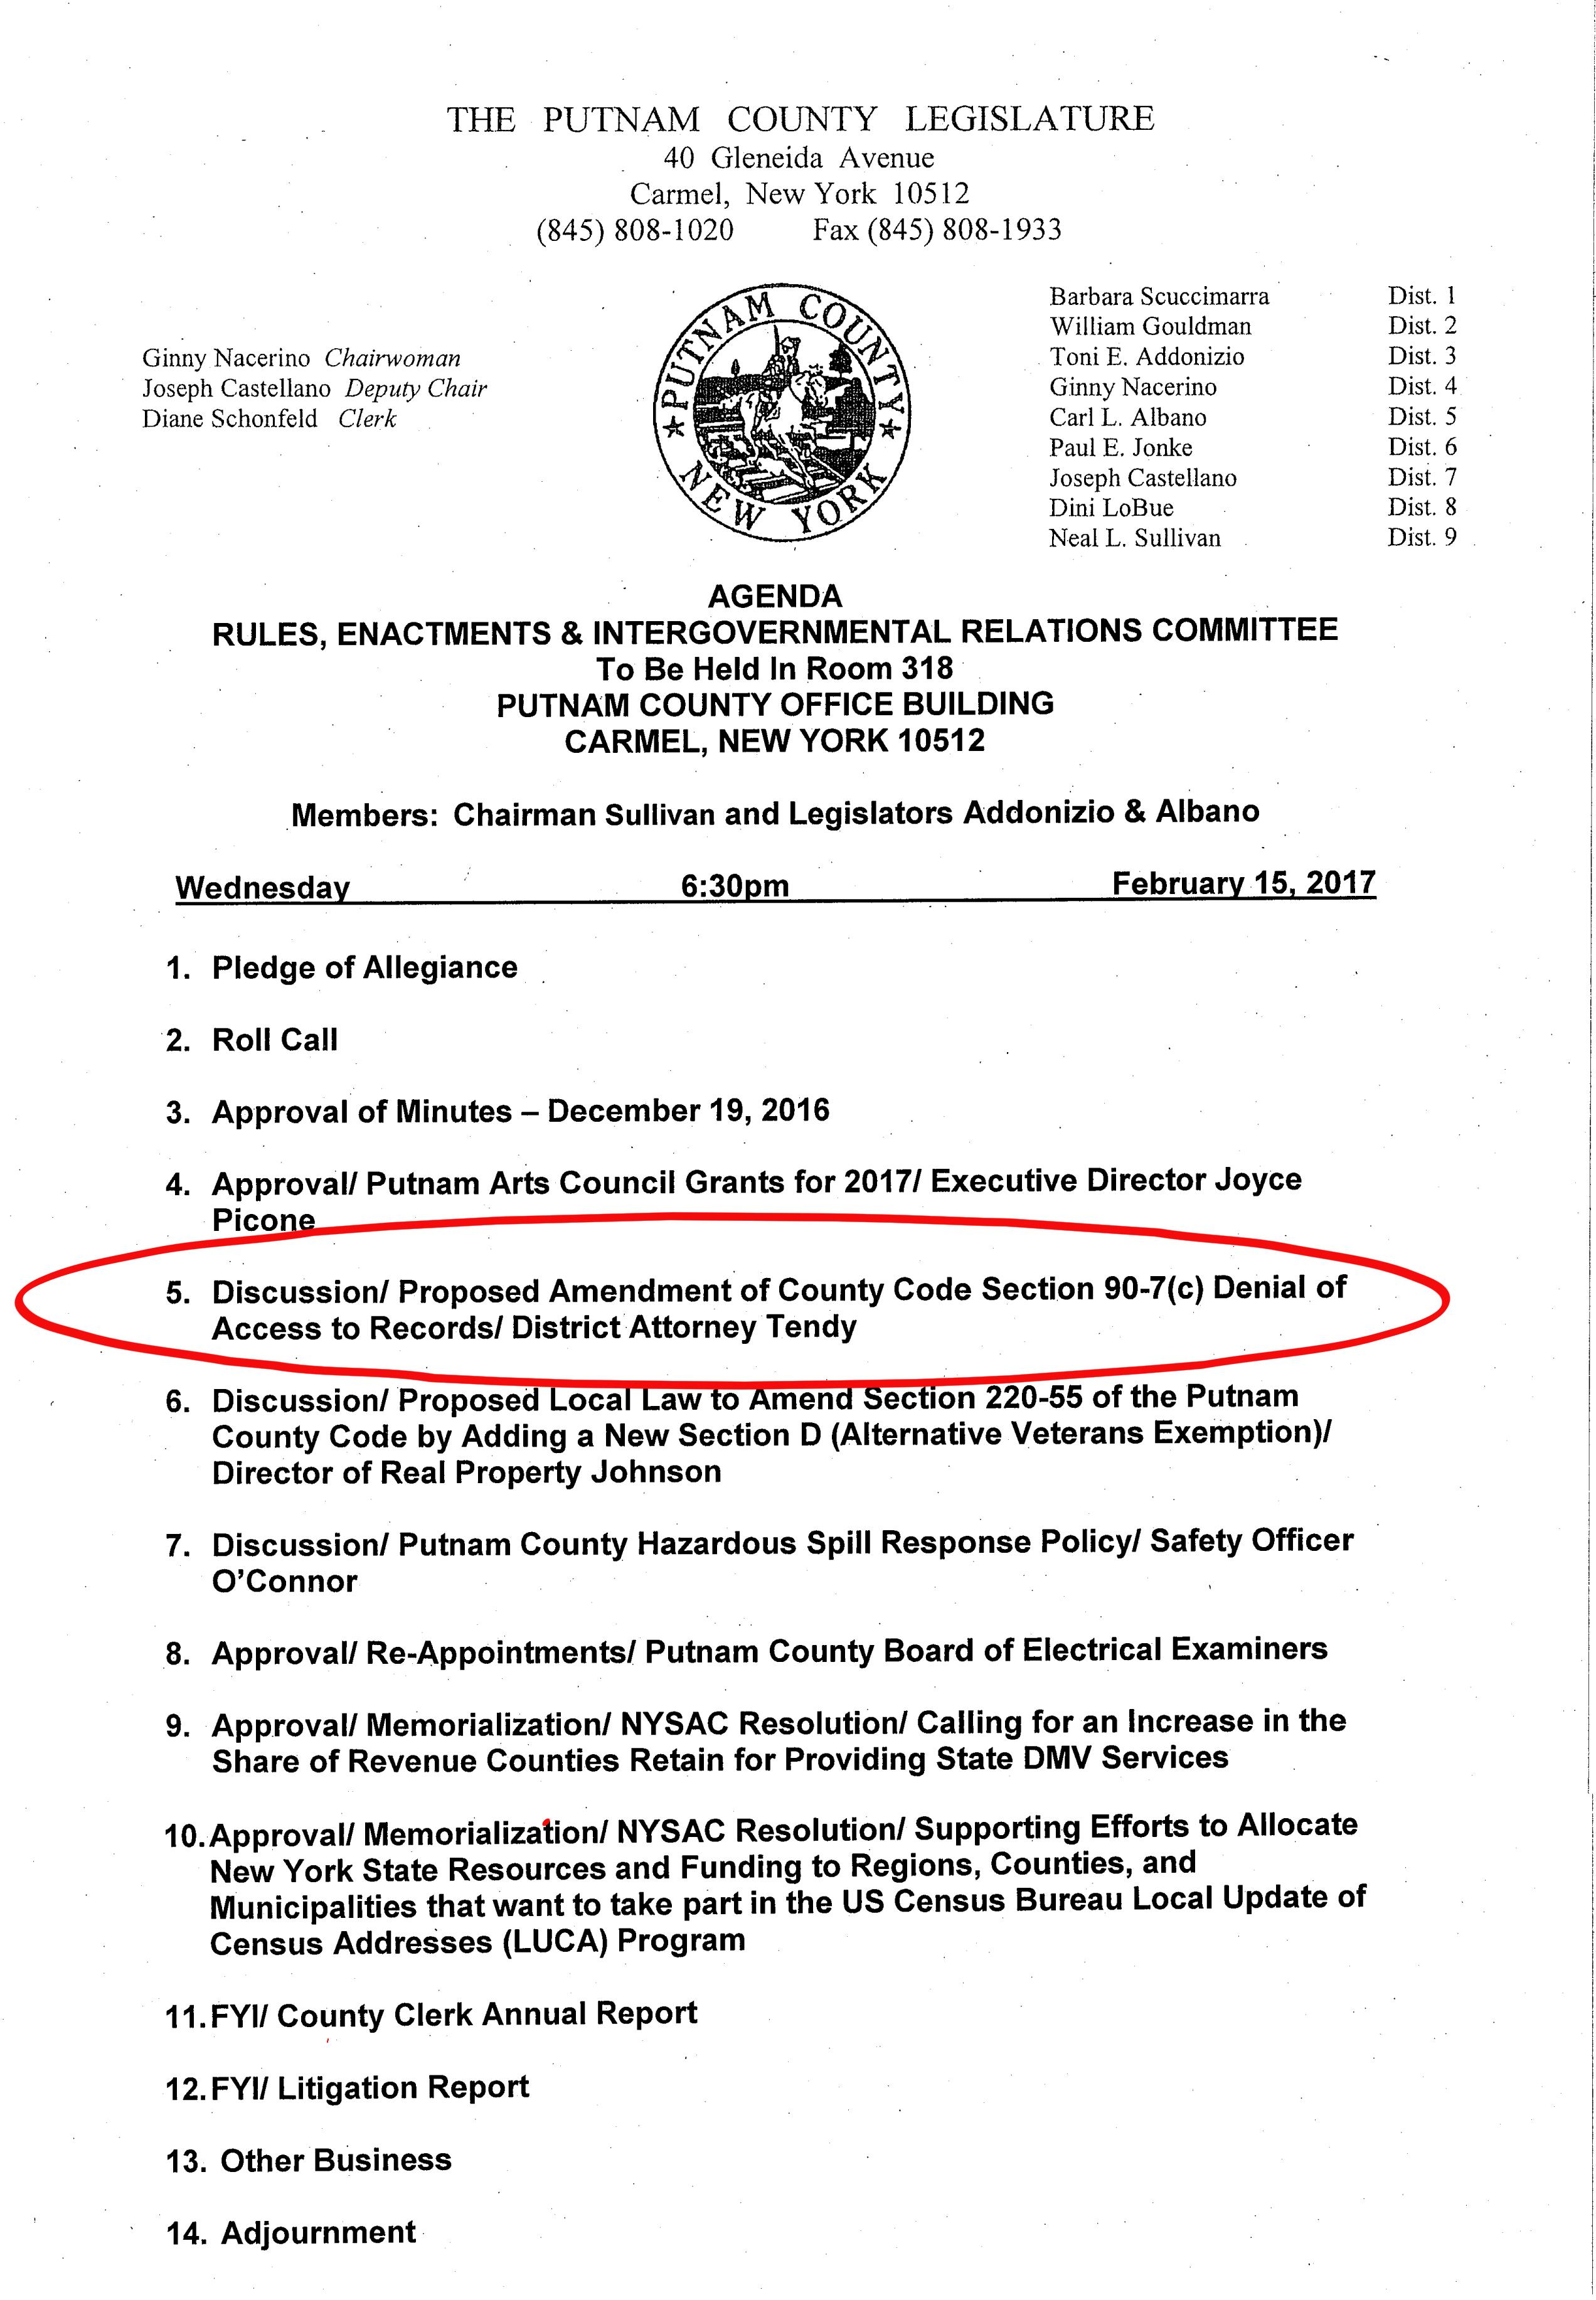 2017_02-15_Rules_Committee_AgendaWeb.jpg